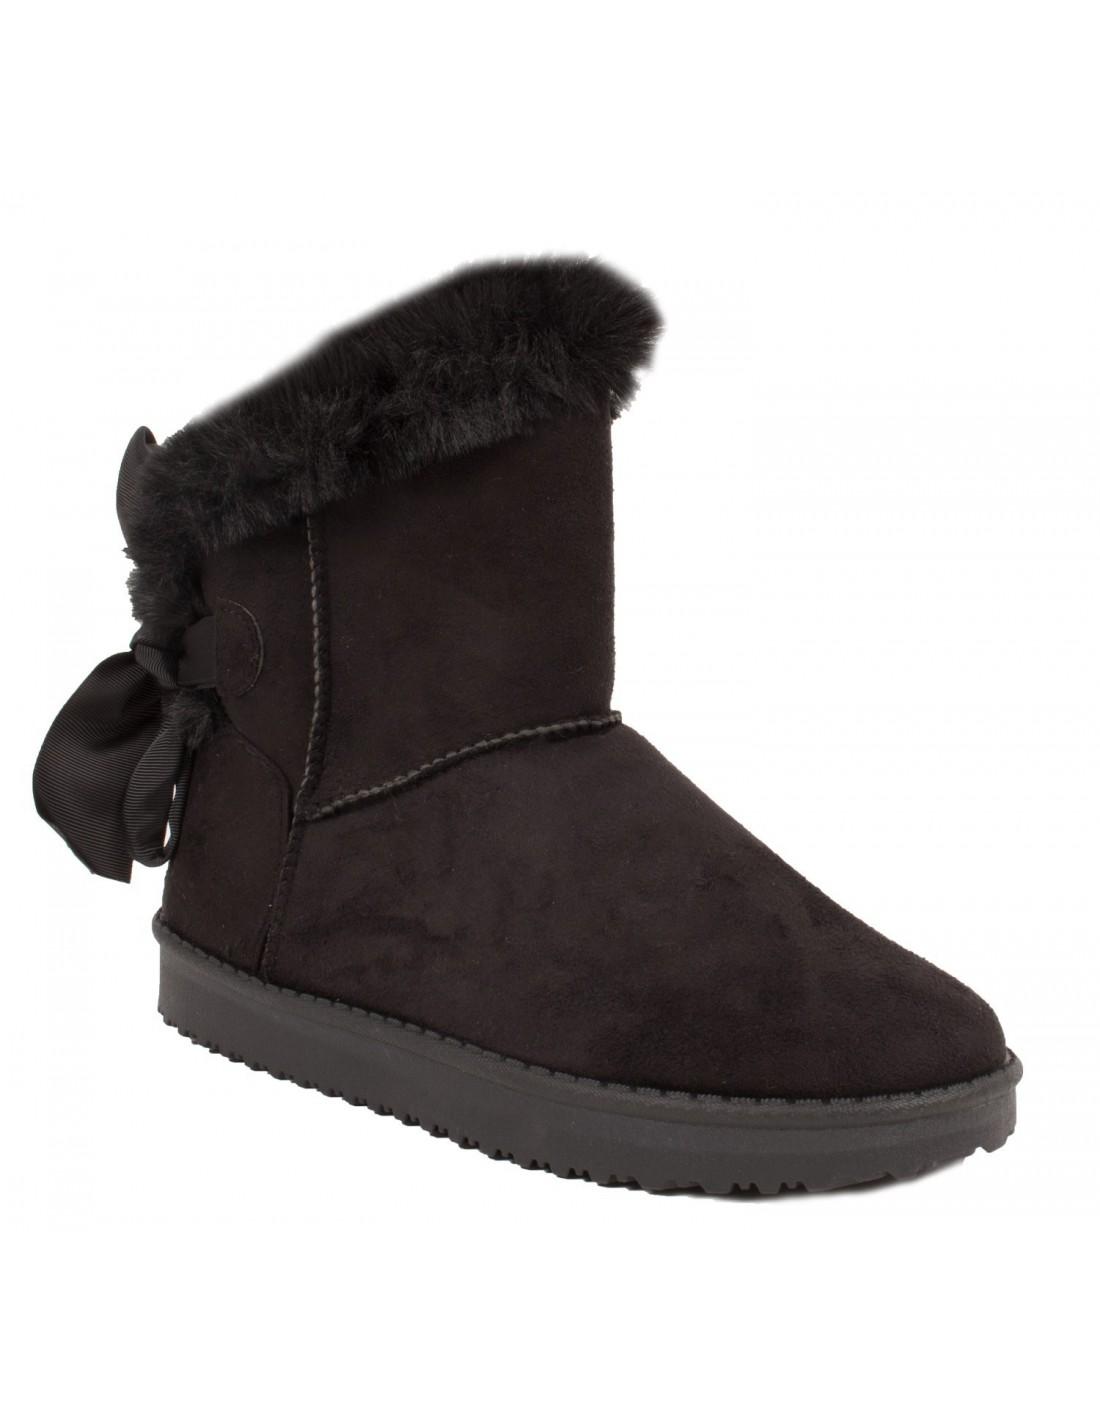 0d119b27a66a Boots femme fourrées noires fantaisie ruban   fourrure